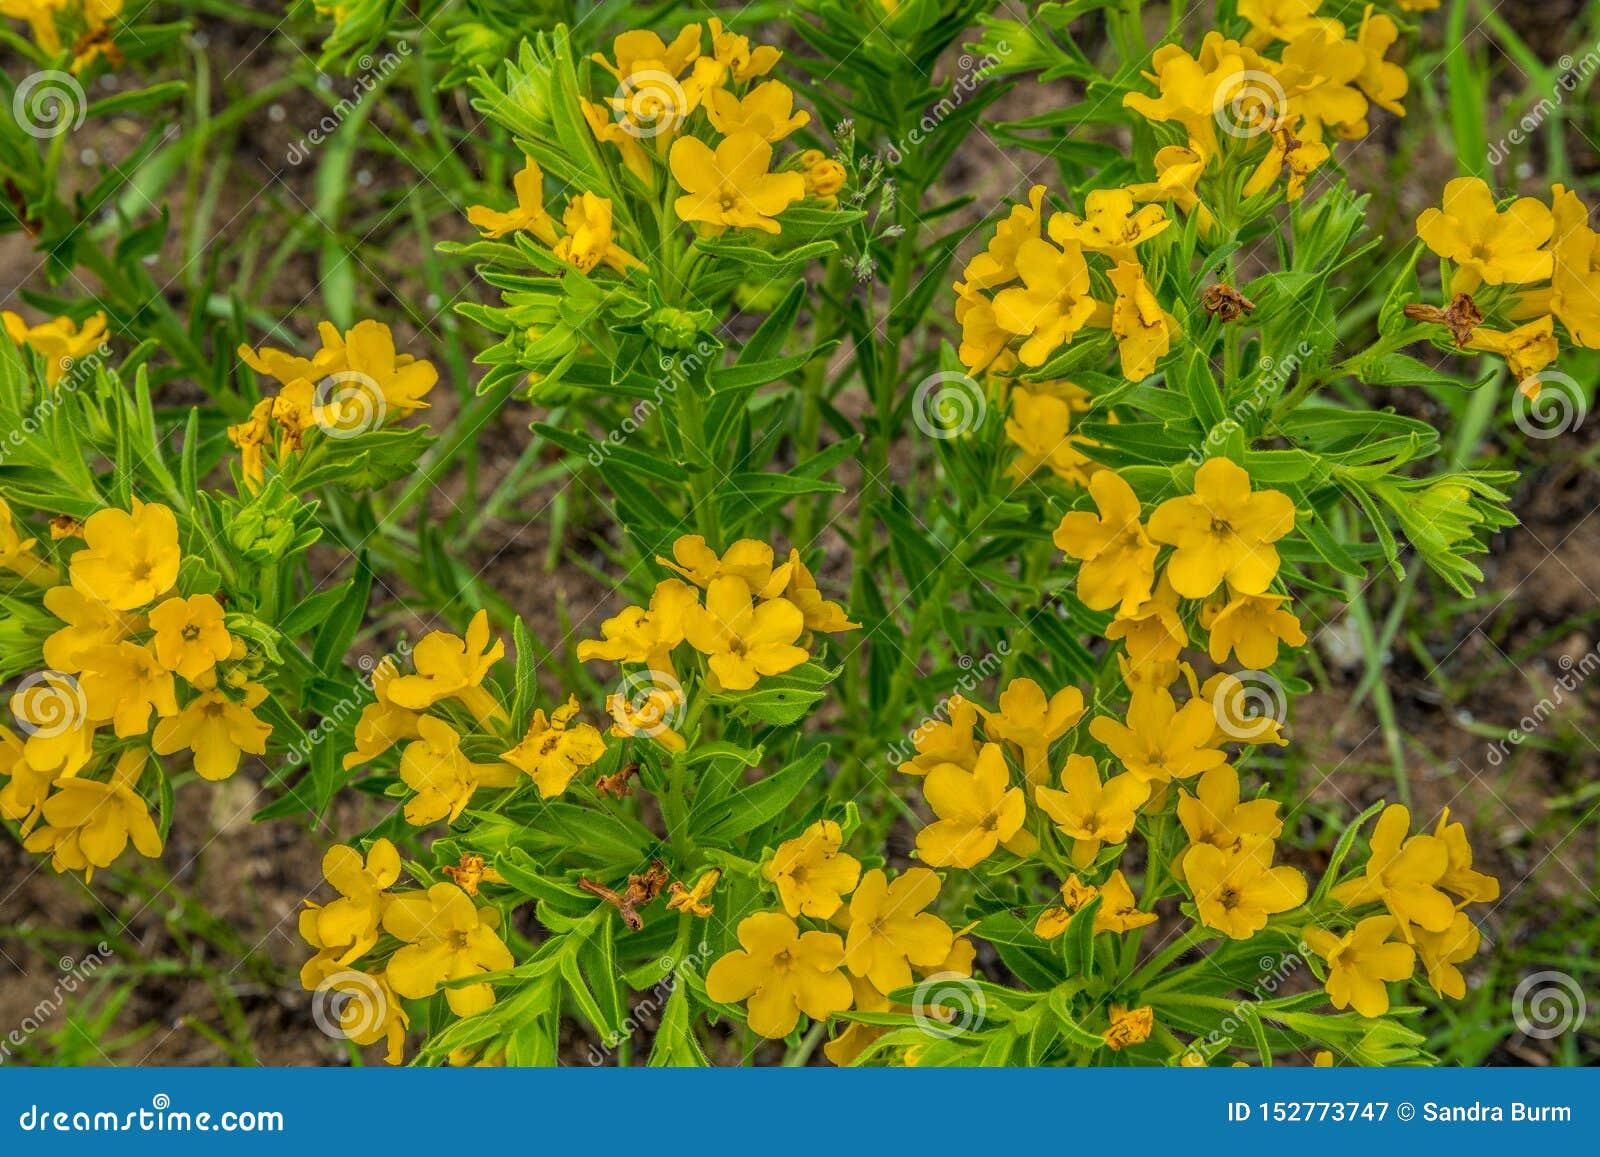 Gelbe Grasland Wildflowers, die im Frühjahr blühen